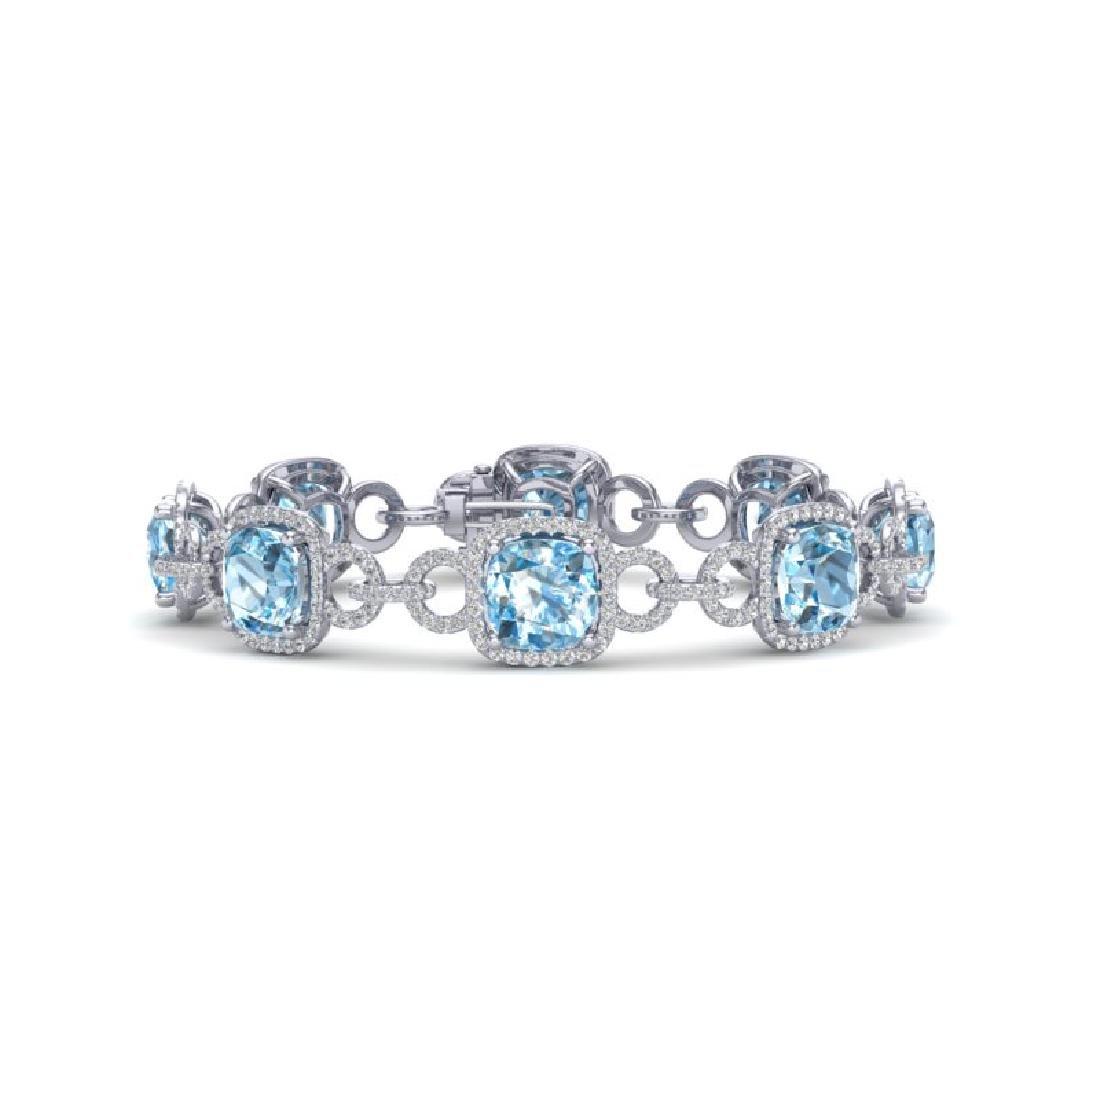 30 CTW Topaz & VS/SI Diamond Bracelet 14K White Gold